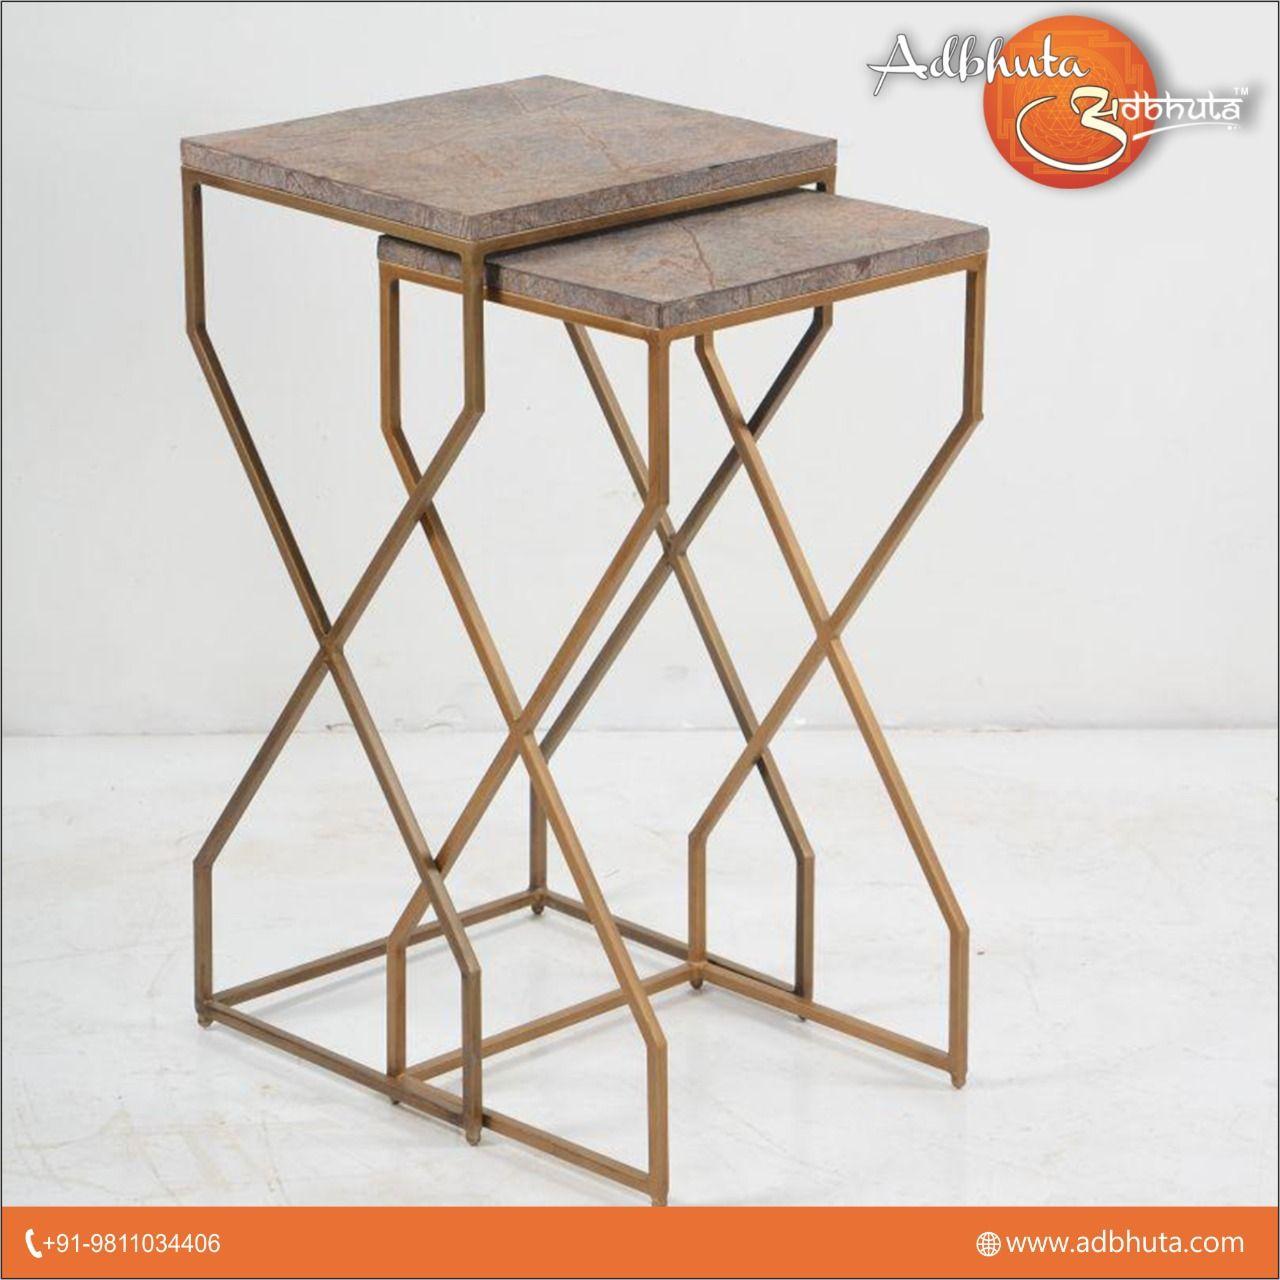 SOLD Elegant Nest of Tables Gilded Gold Edwardian